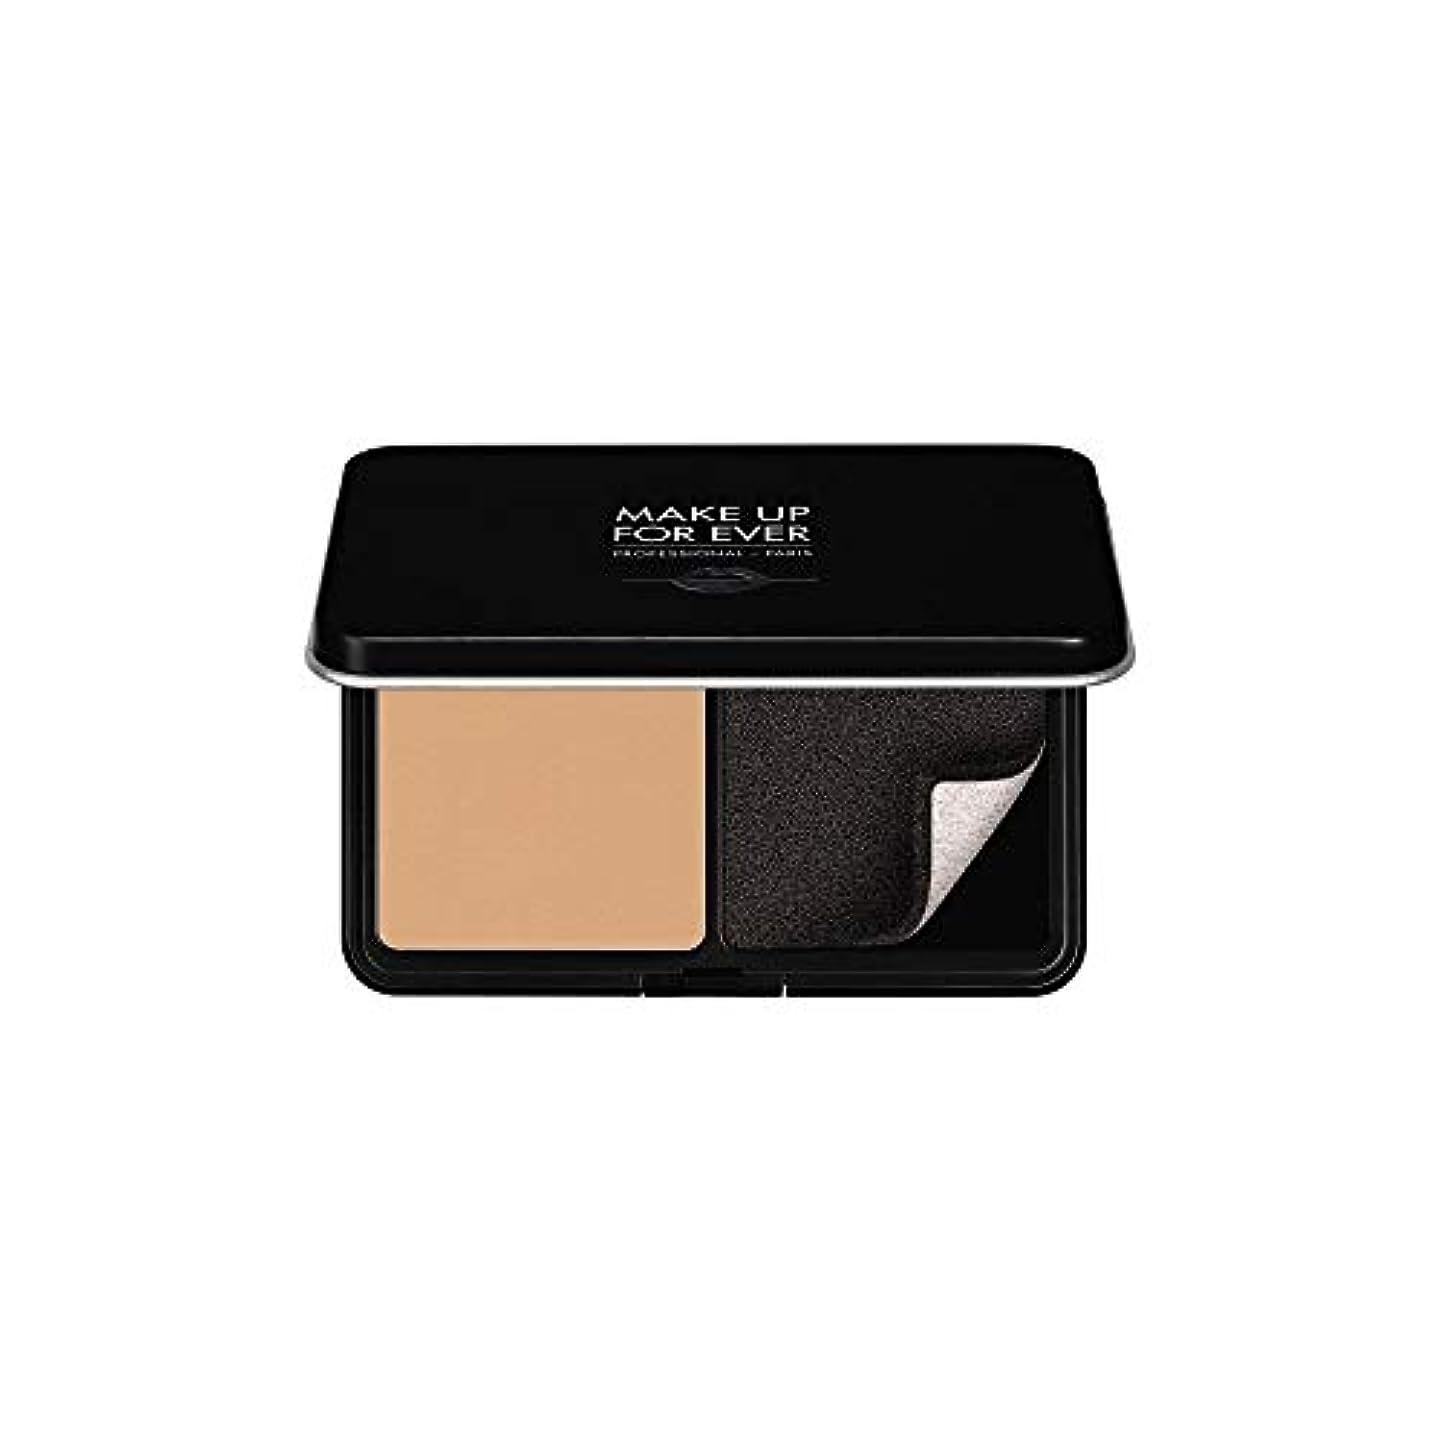 石油め言葉スペースメイクアップフォーエバー Matte Velvet Skin Blurring Powder Foundation - # Y305 (Soft Beige) 11g/0.38oz並行輸入品